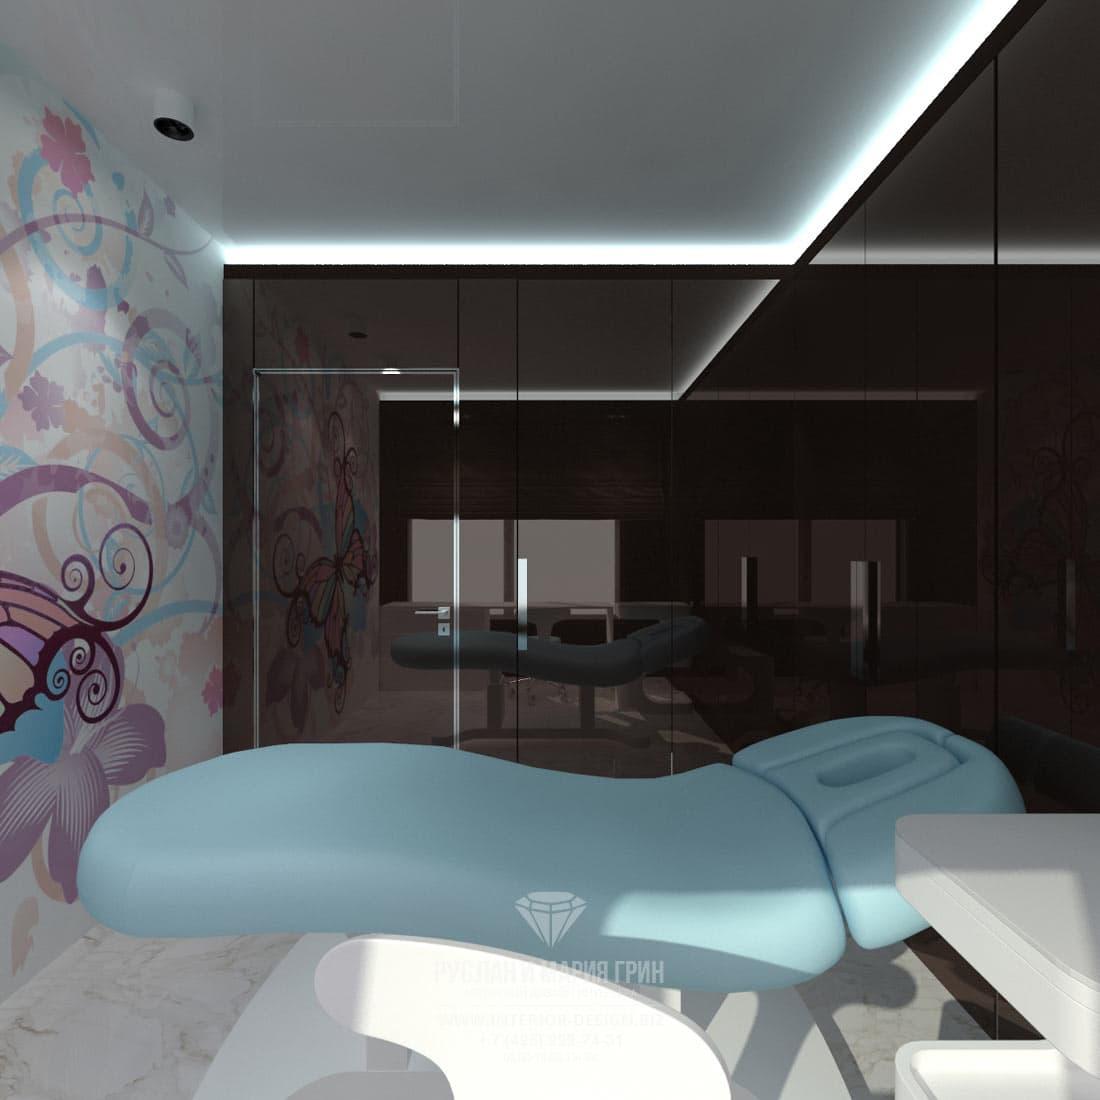 Дизайн интерьера современного салона красоты. Кабинет для нанесения тату